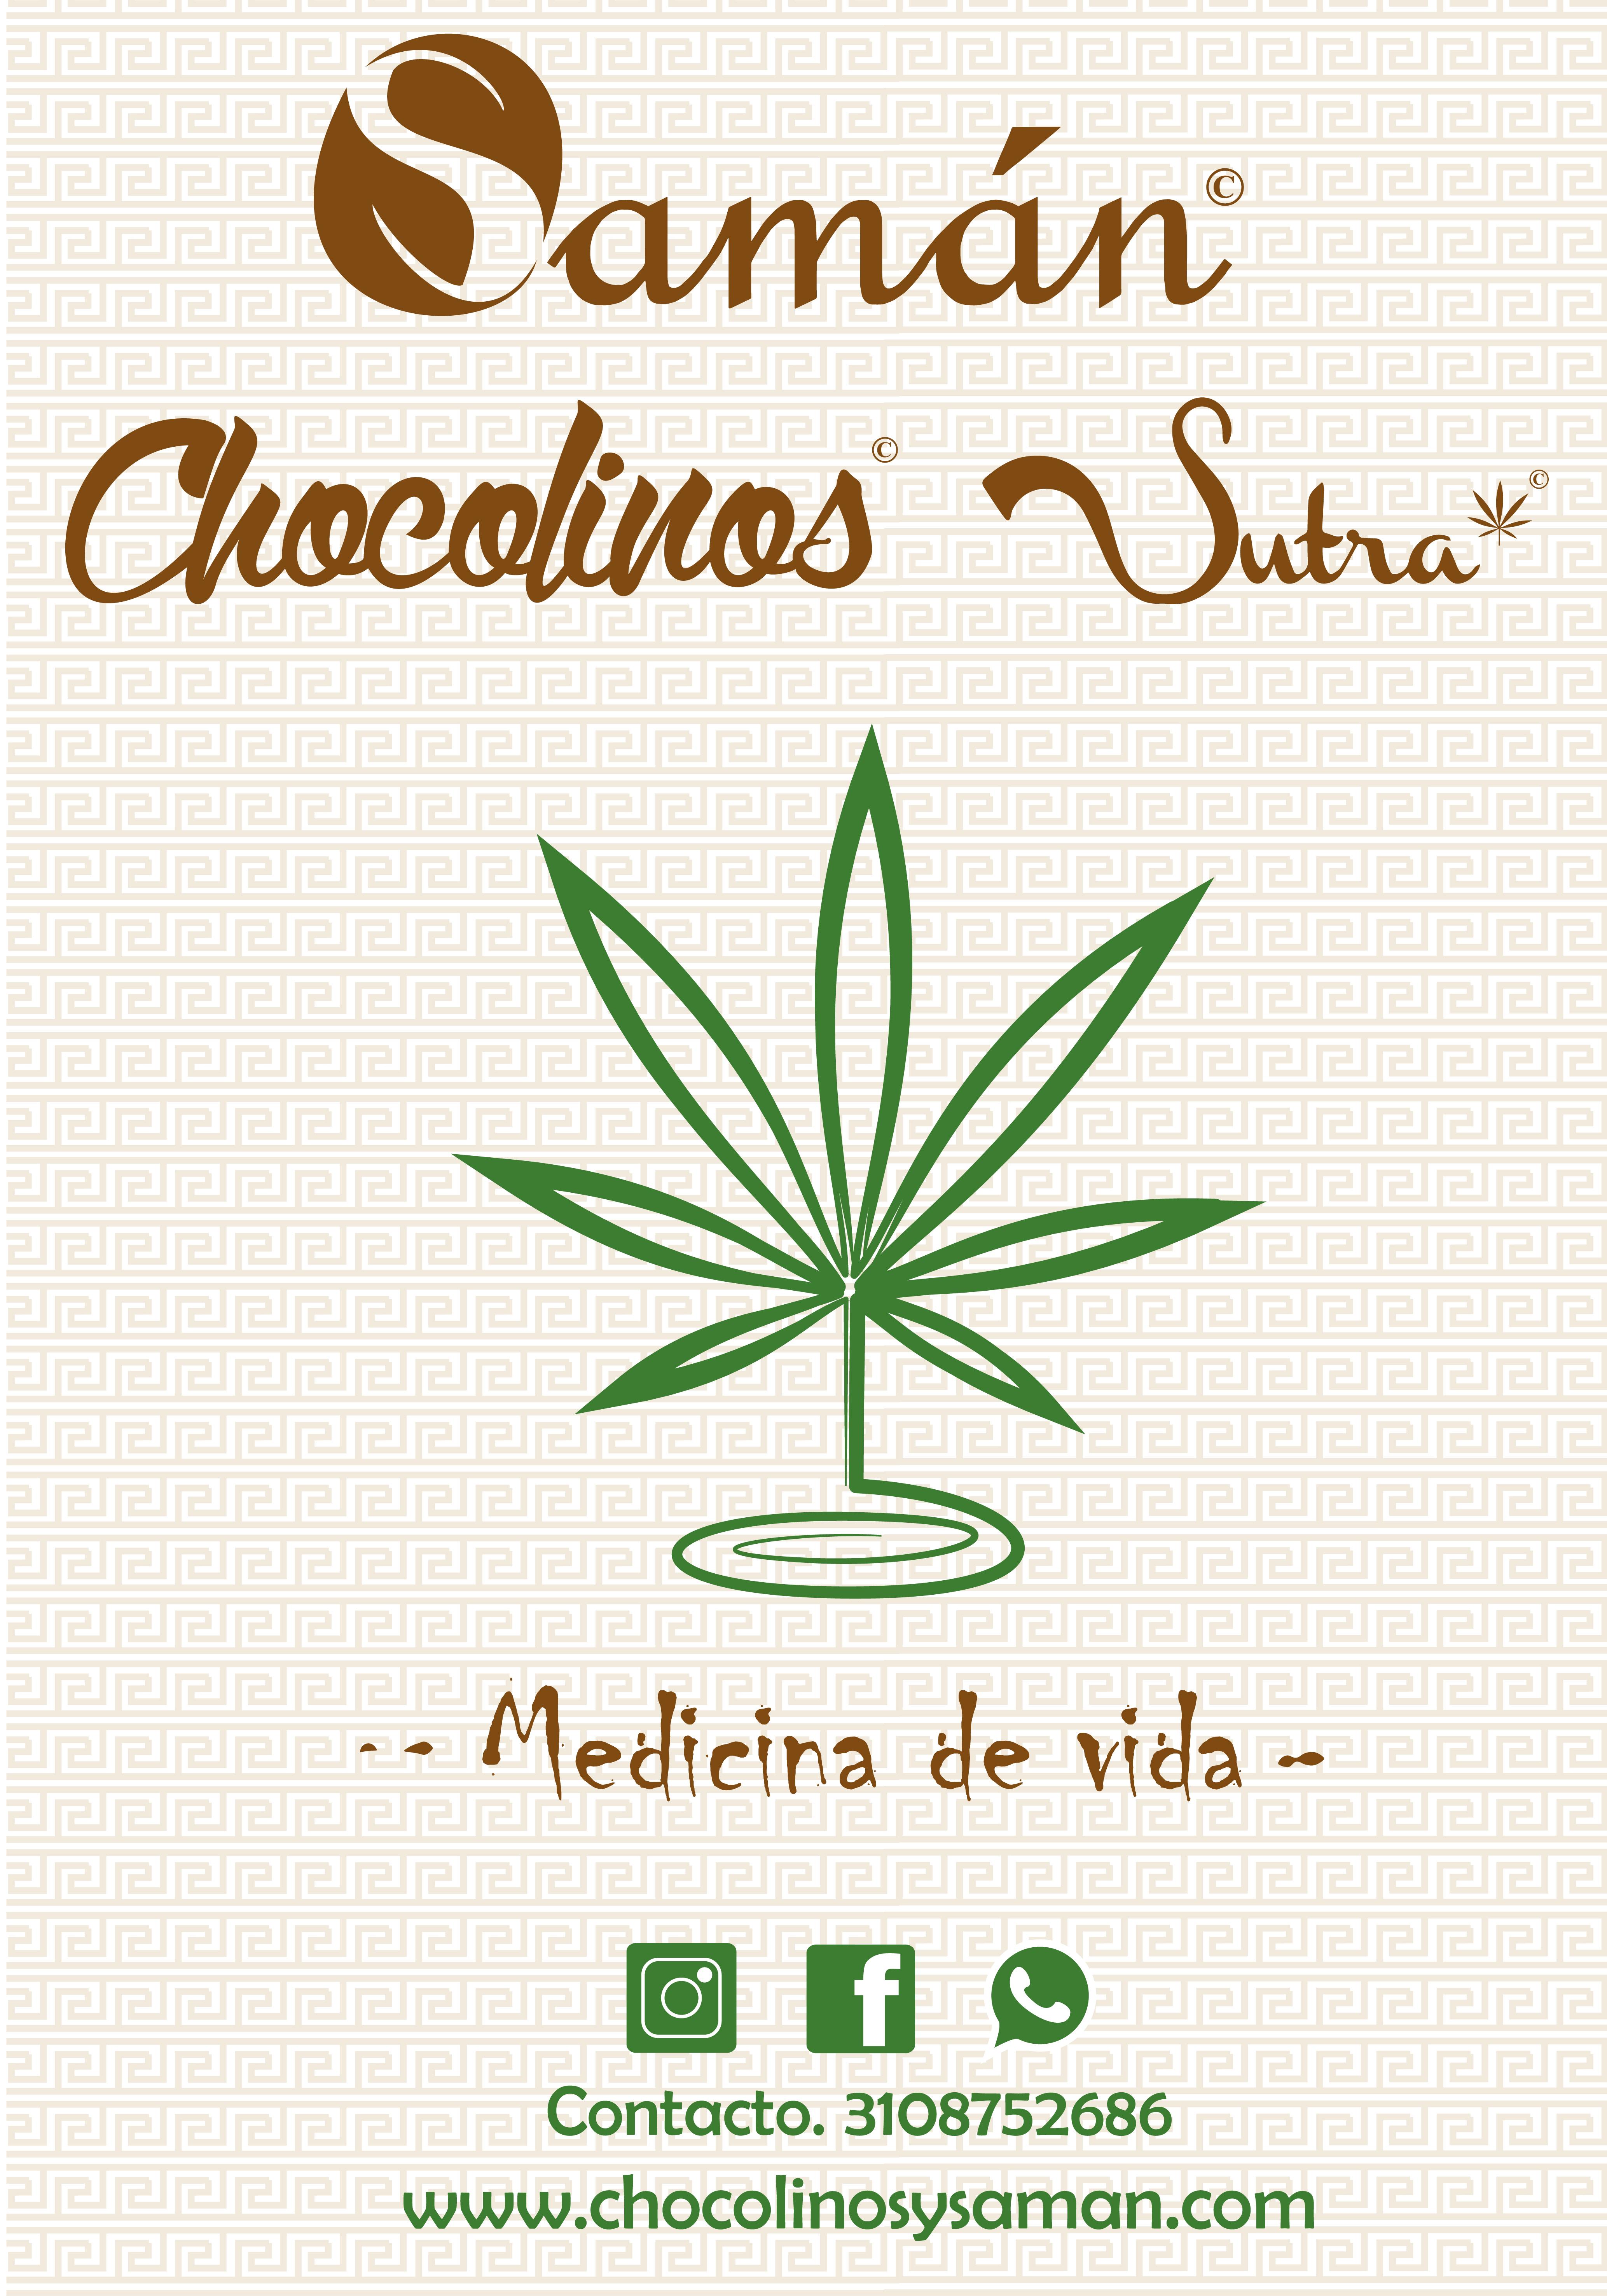 saman,chocolinos y sutra-01